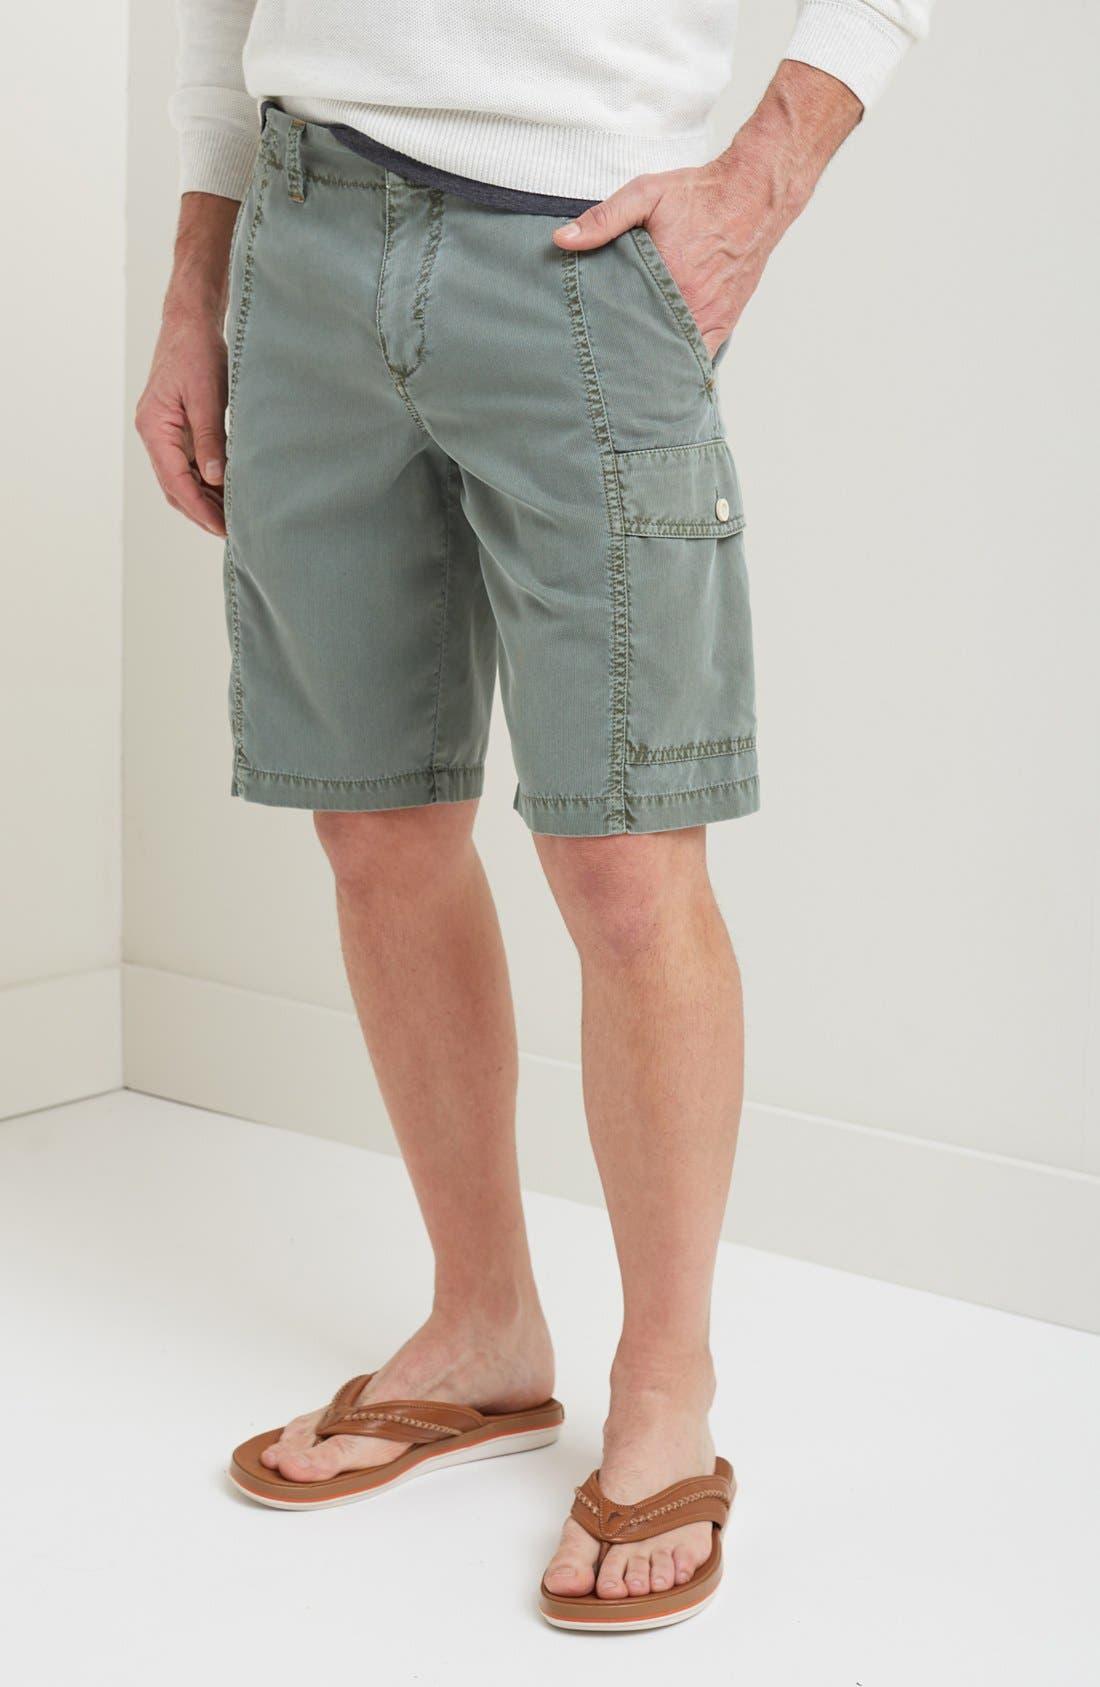 Alternate Image 1 Selected - Tommy Bahama 'Beachfront Kihei' Cargo Shorts